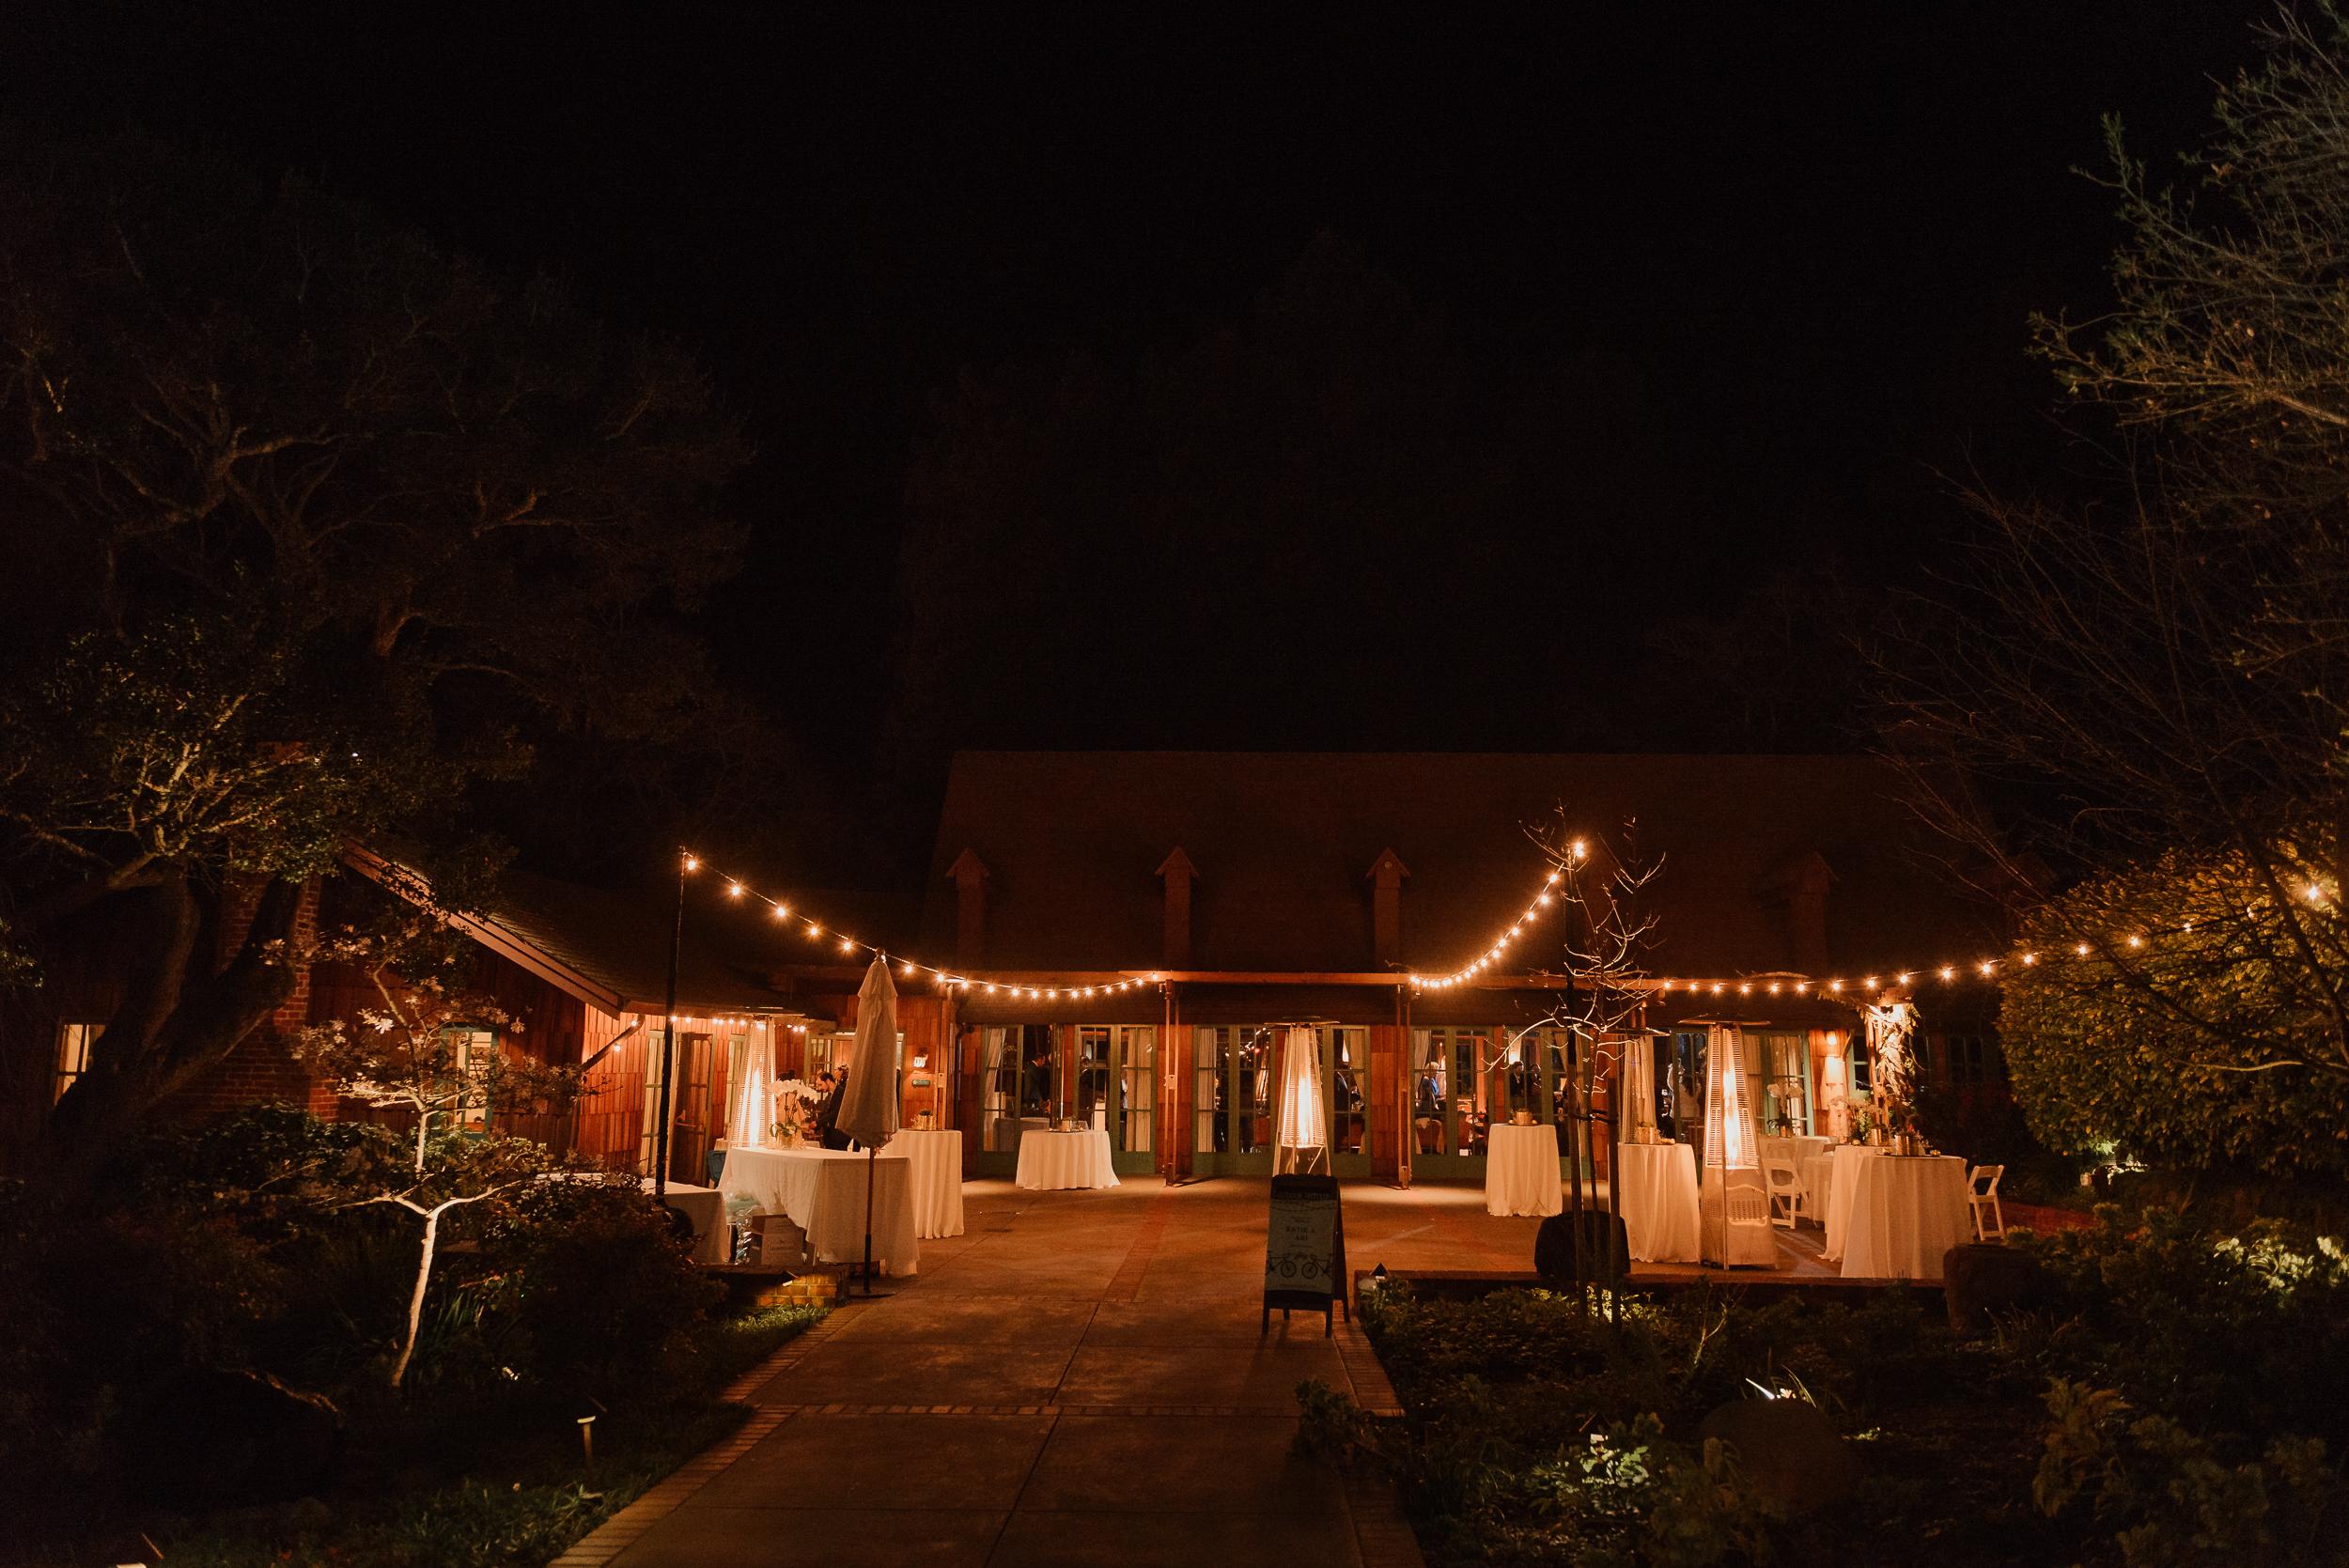 089winter-mill-valley-wedding-outdoor-art-club-wedding-vivianchen-501.jpg